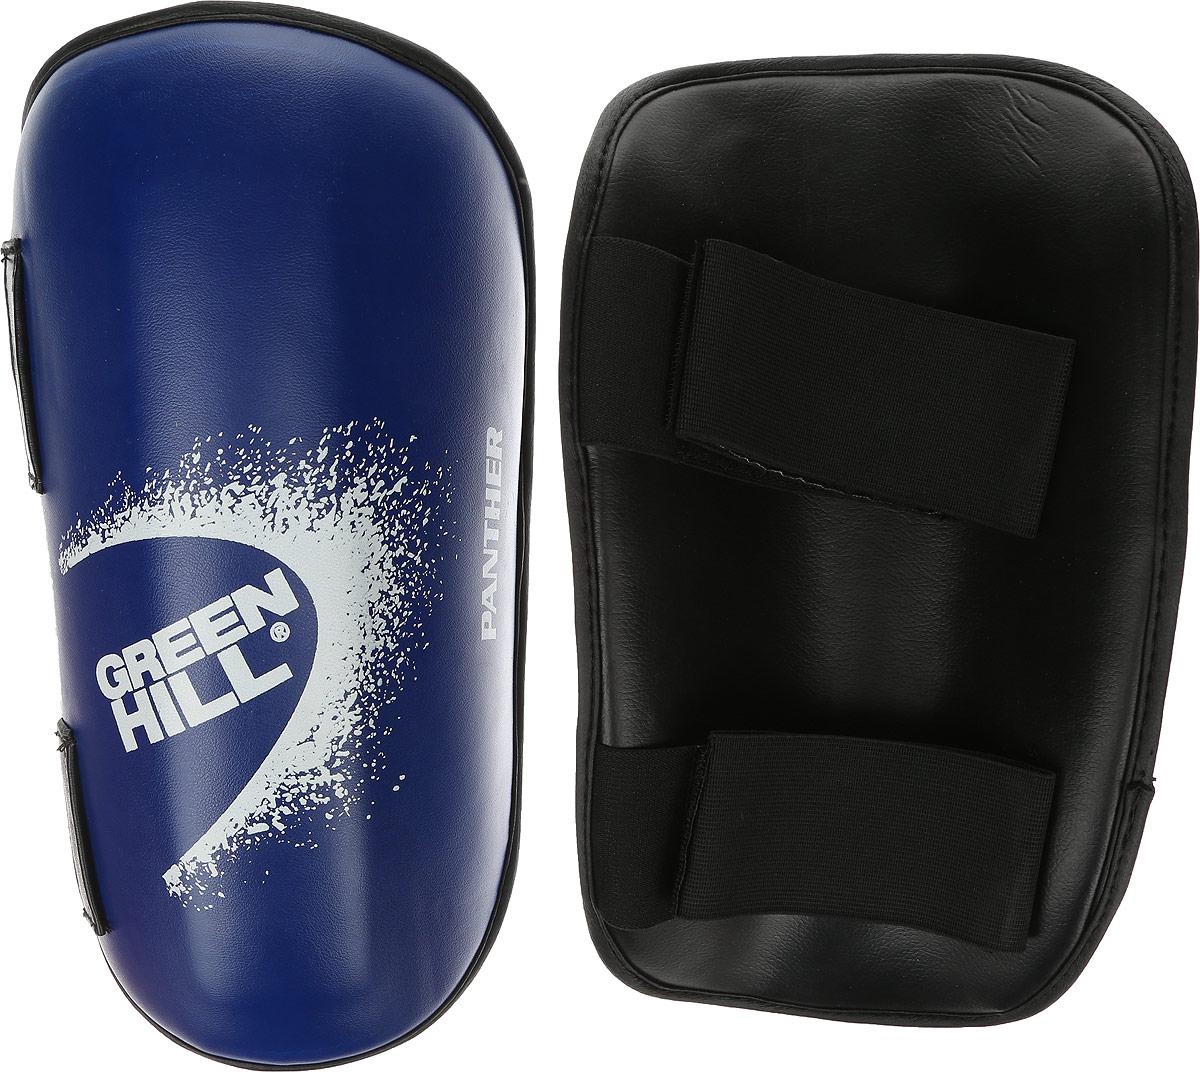 Защита голени Green Hill Panther, цвет: синий, белый. Размер M. SPP-2123G-2123-M/SPP-2124Защита голени Green Hill Panther с наполнителем, выполненным из вспененного полимера, необходима при занятиях спортом для защиты суставов от вывихов, ушибов и прочих повреждений. Накладки выполнены из высококачественной искусственной кожи. Закрепляются на ноге при помощи эластичных лент и липучек. Длина голени: 32 см. Ширина голени: 16,5 см.